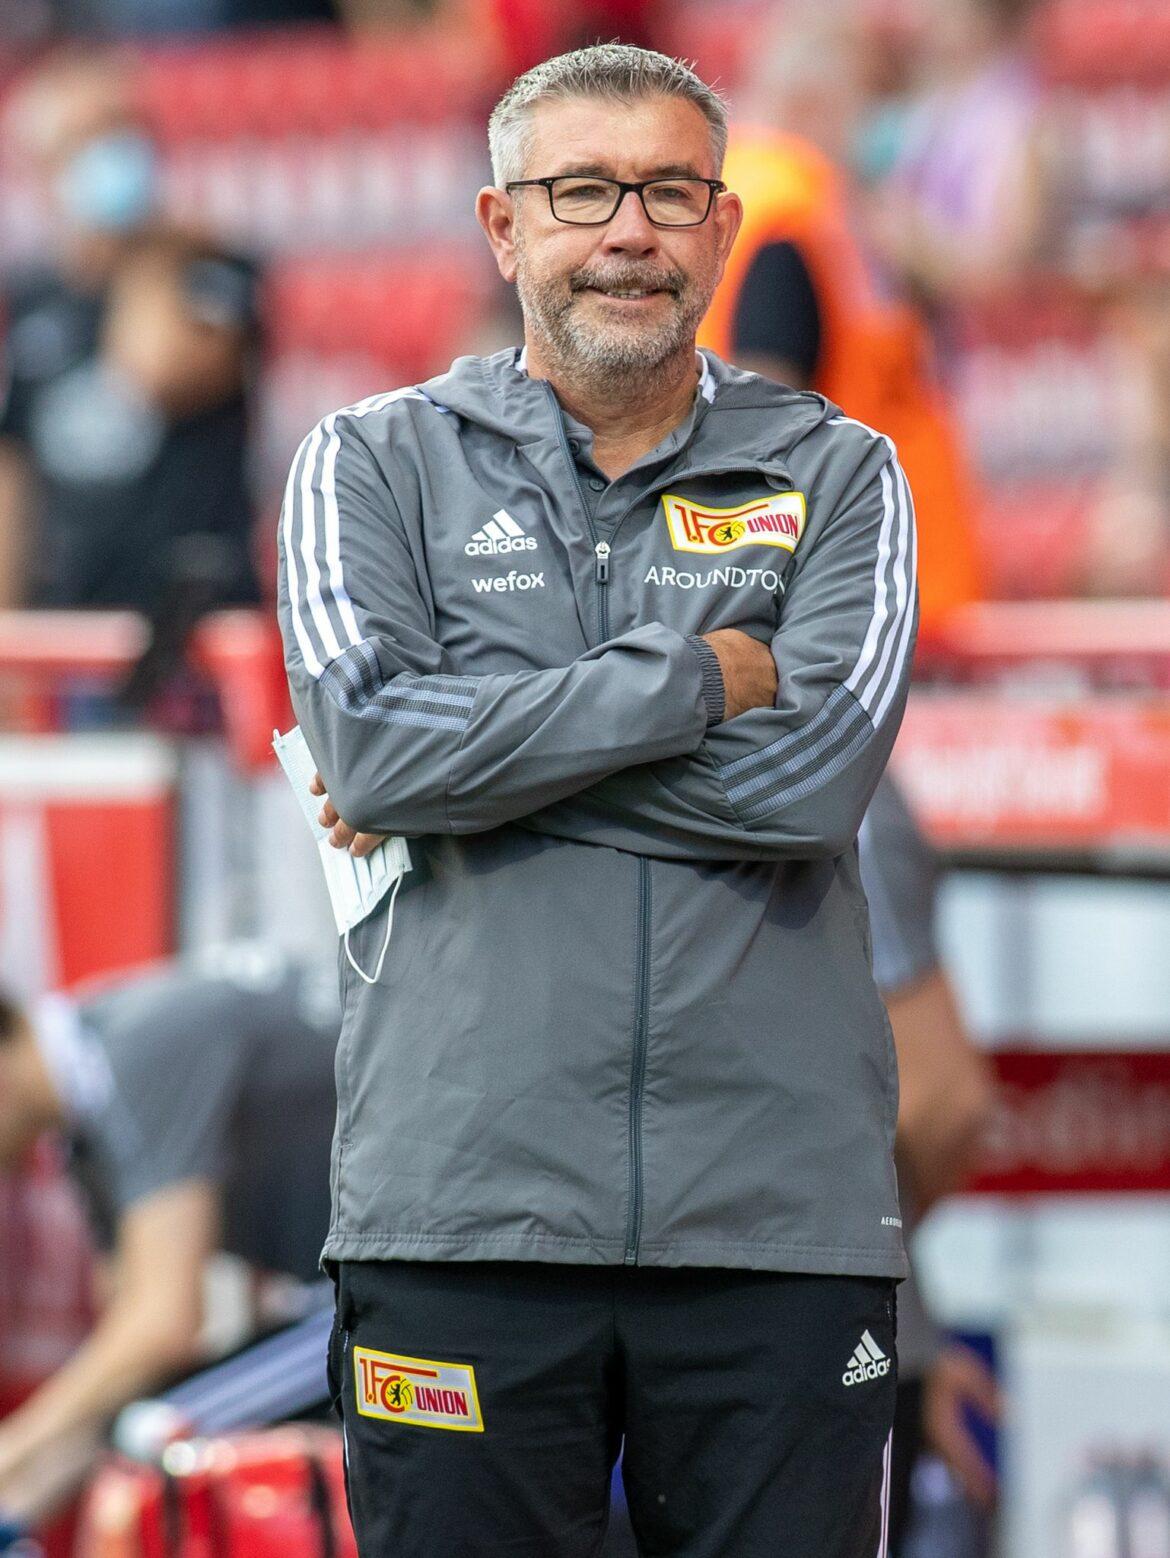 Union-Trainer nimmt Kruse vor Prag-Spiel in die Pflicht